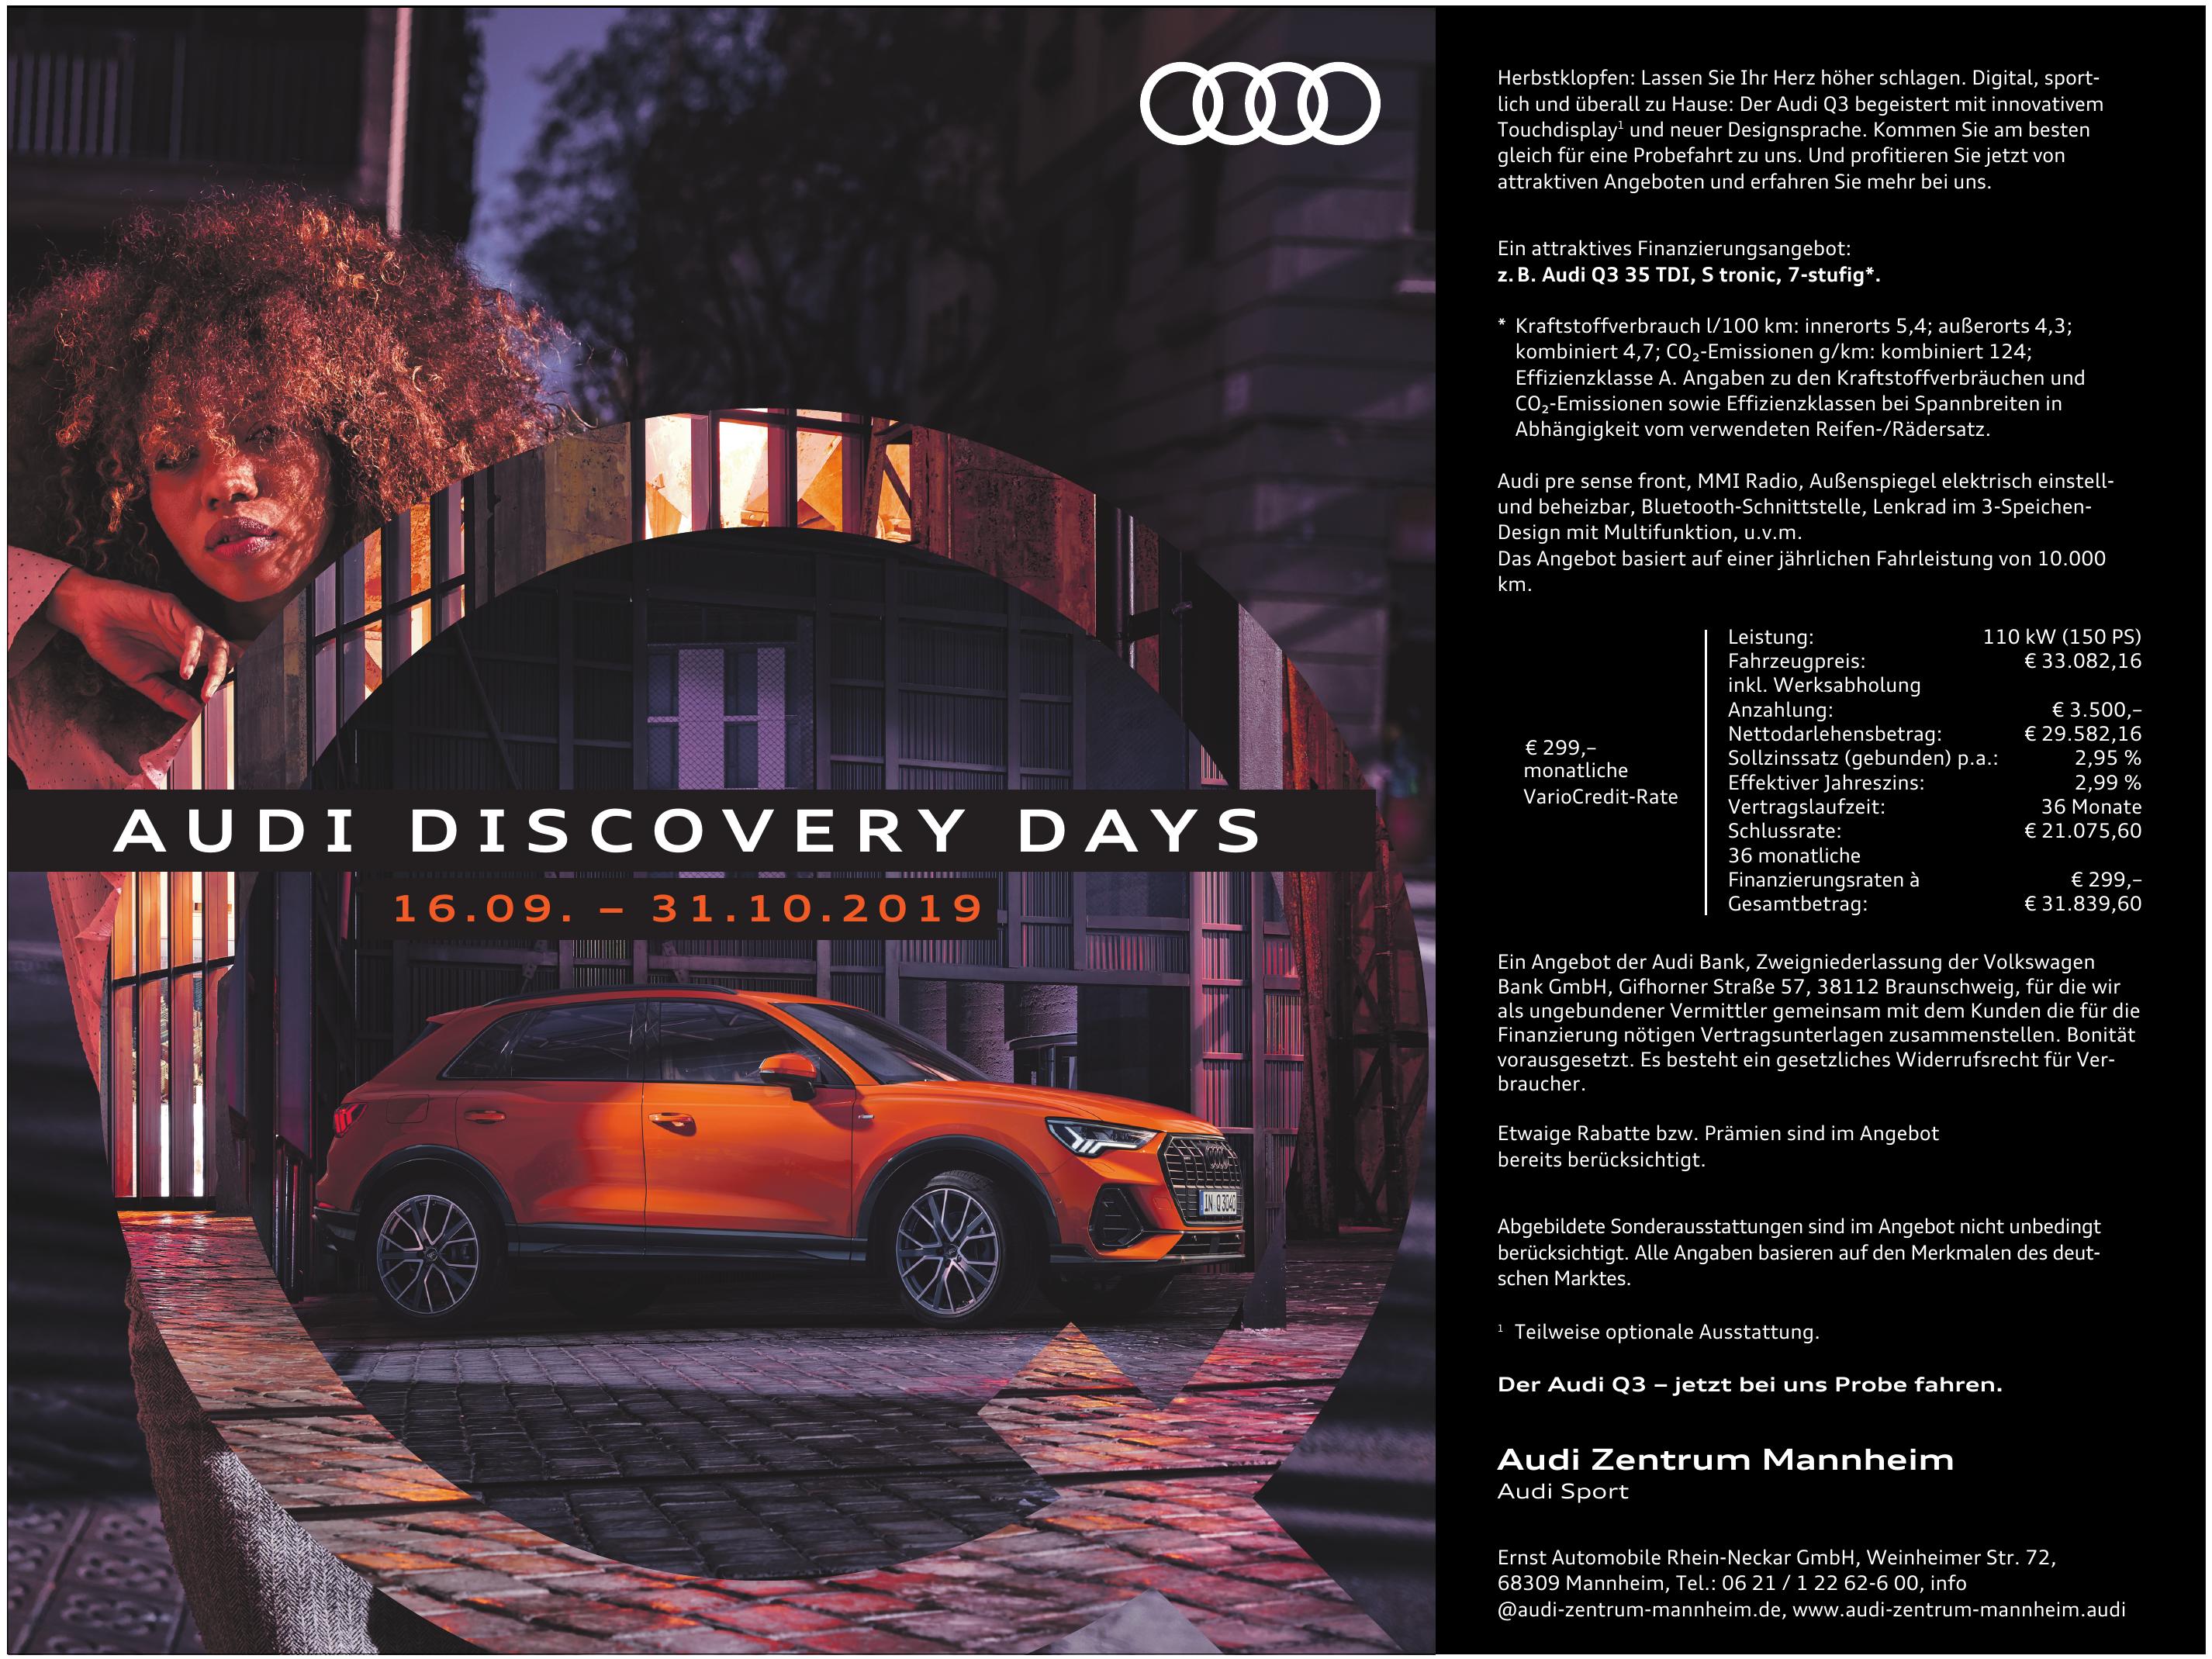 Audi Zentrum Mannheim - Ernst Automobile Rhein-Neckar GmbH